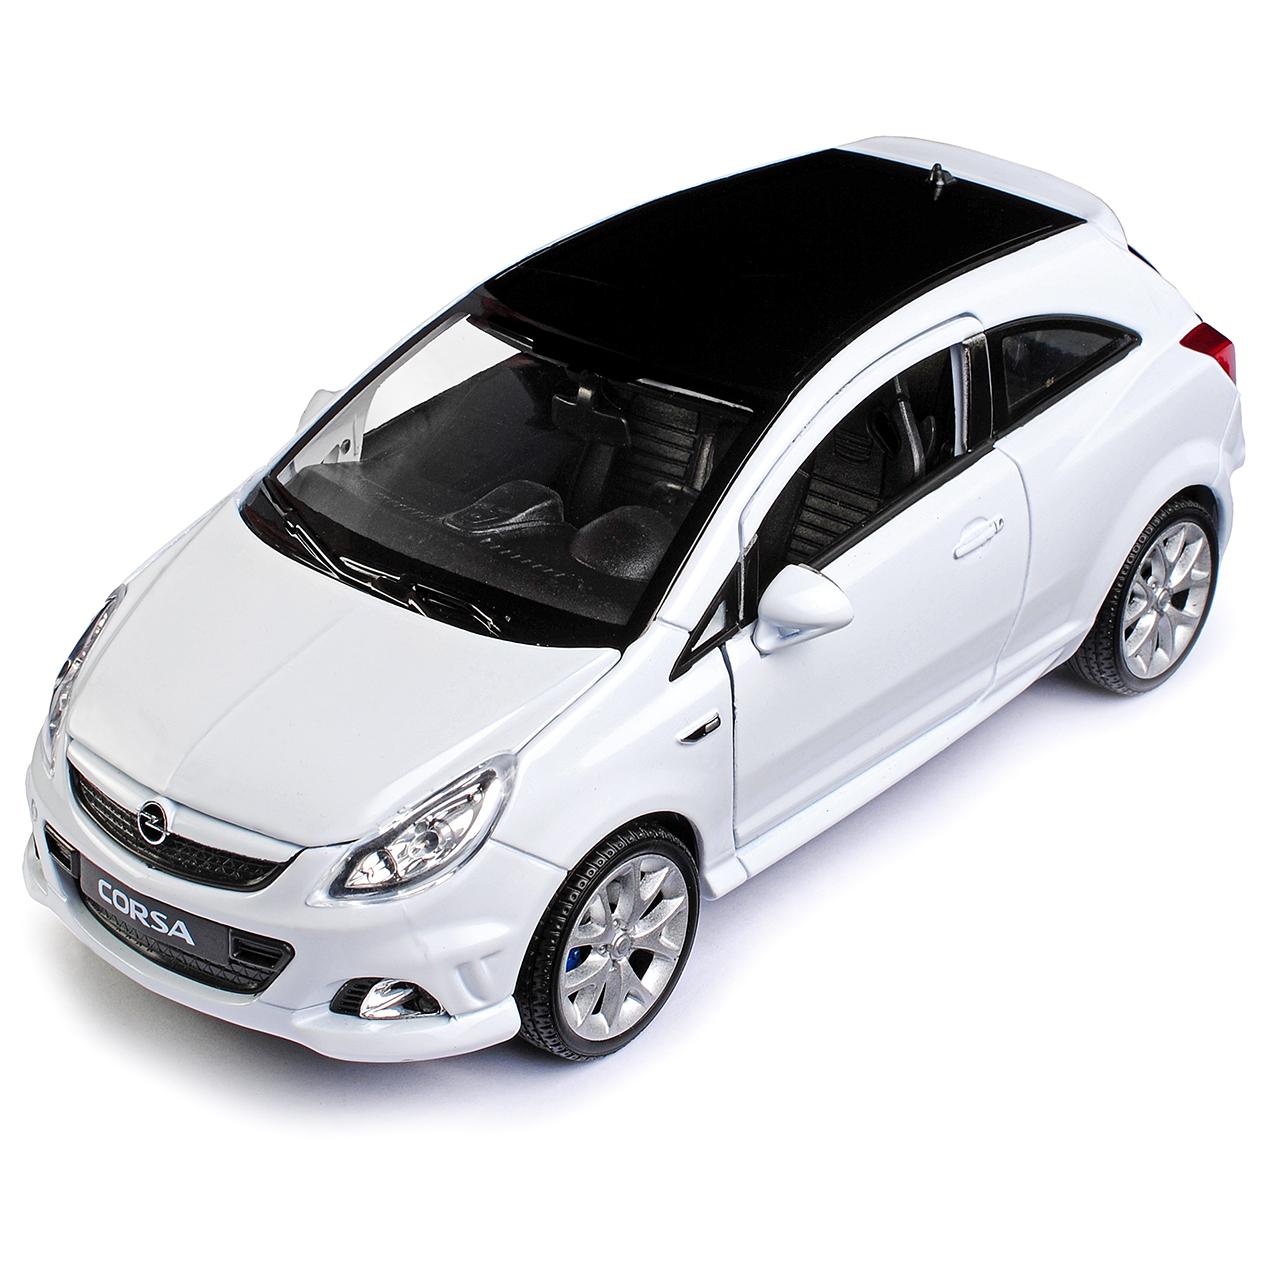 Opel Corsa D 3 puertas blanco 2006-2014 1//24 welly modelo coche con o sin indi...